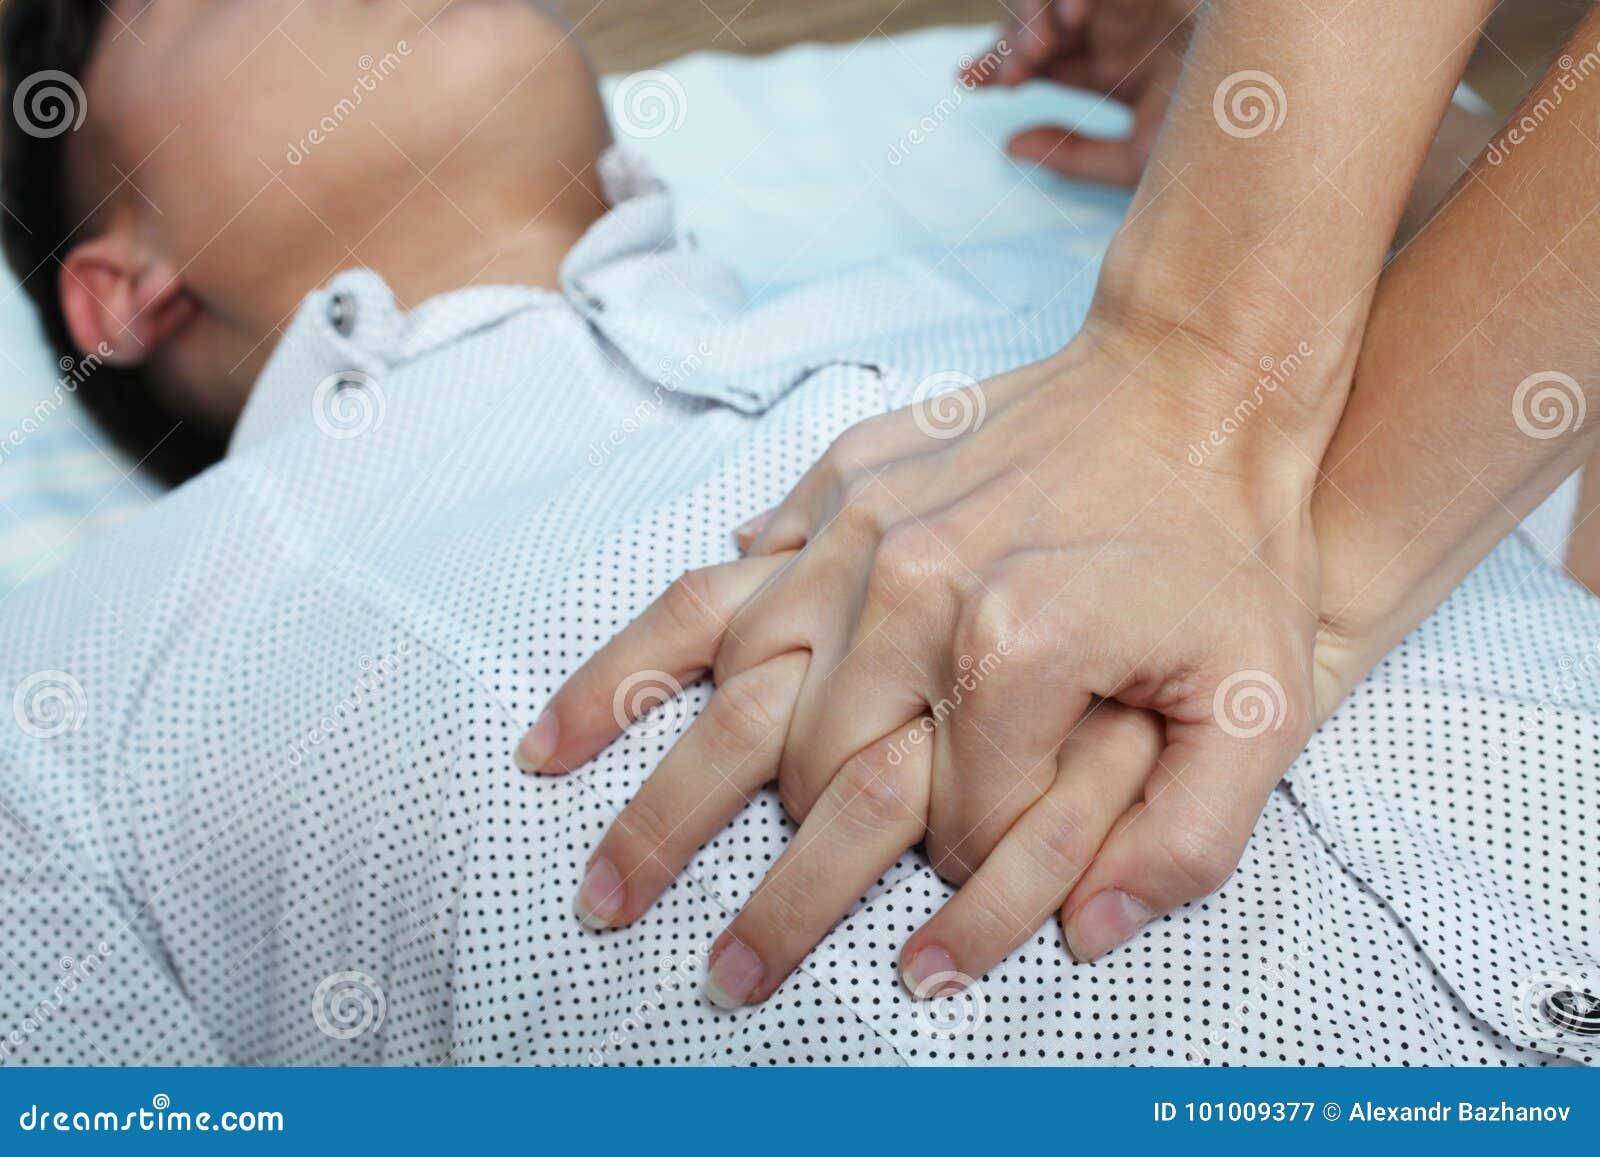 Массаж сердца девушке видео секс после массажа видео скачать